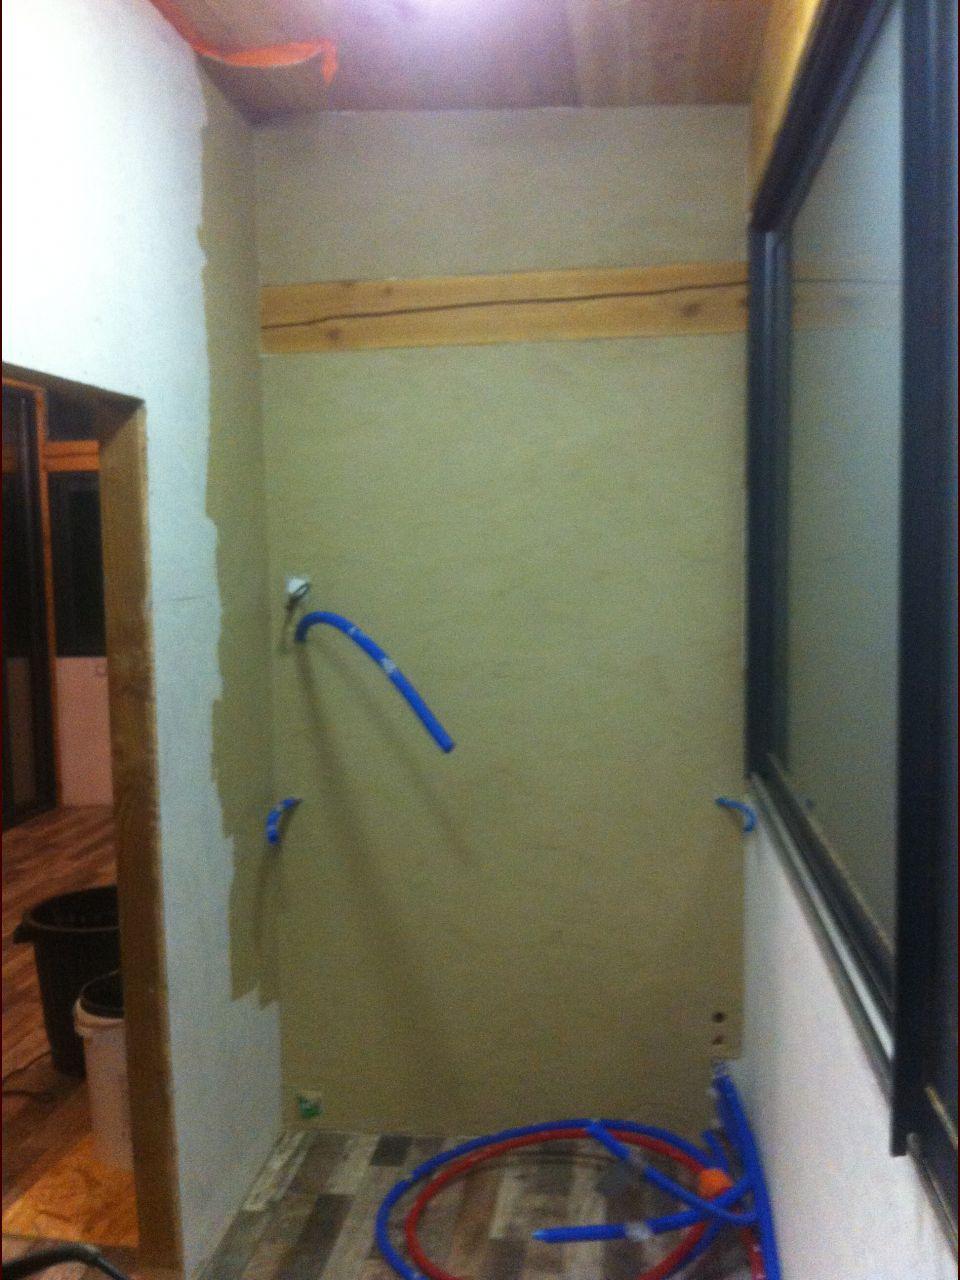 Premier test pour l'enduit à l'argile (derrière le chauffe-eau et toilettes, je suis pas fou)